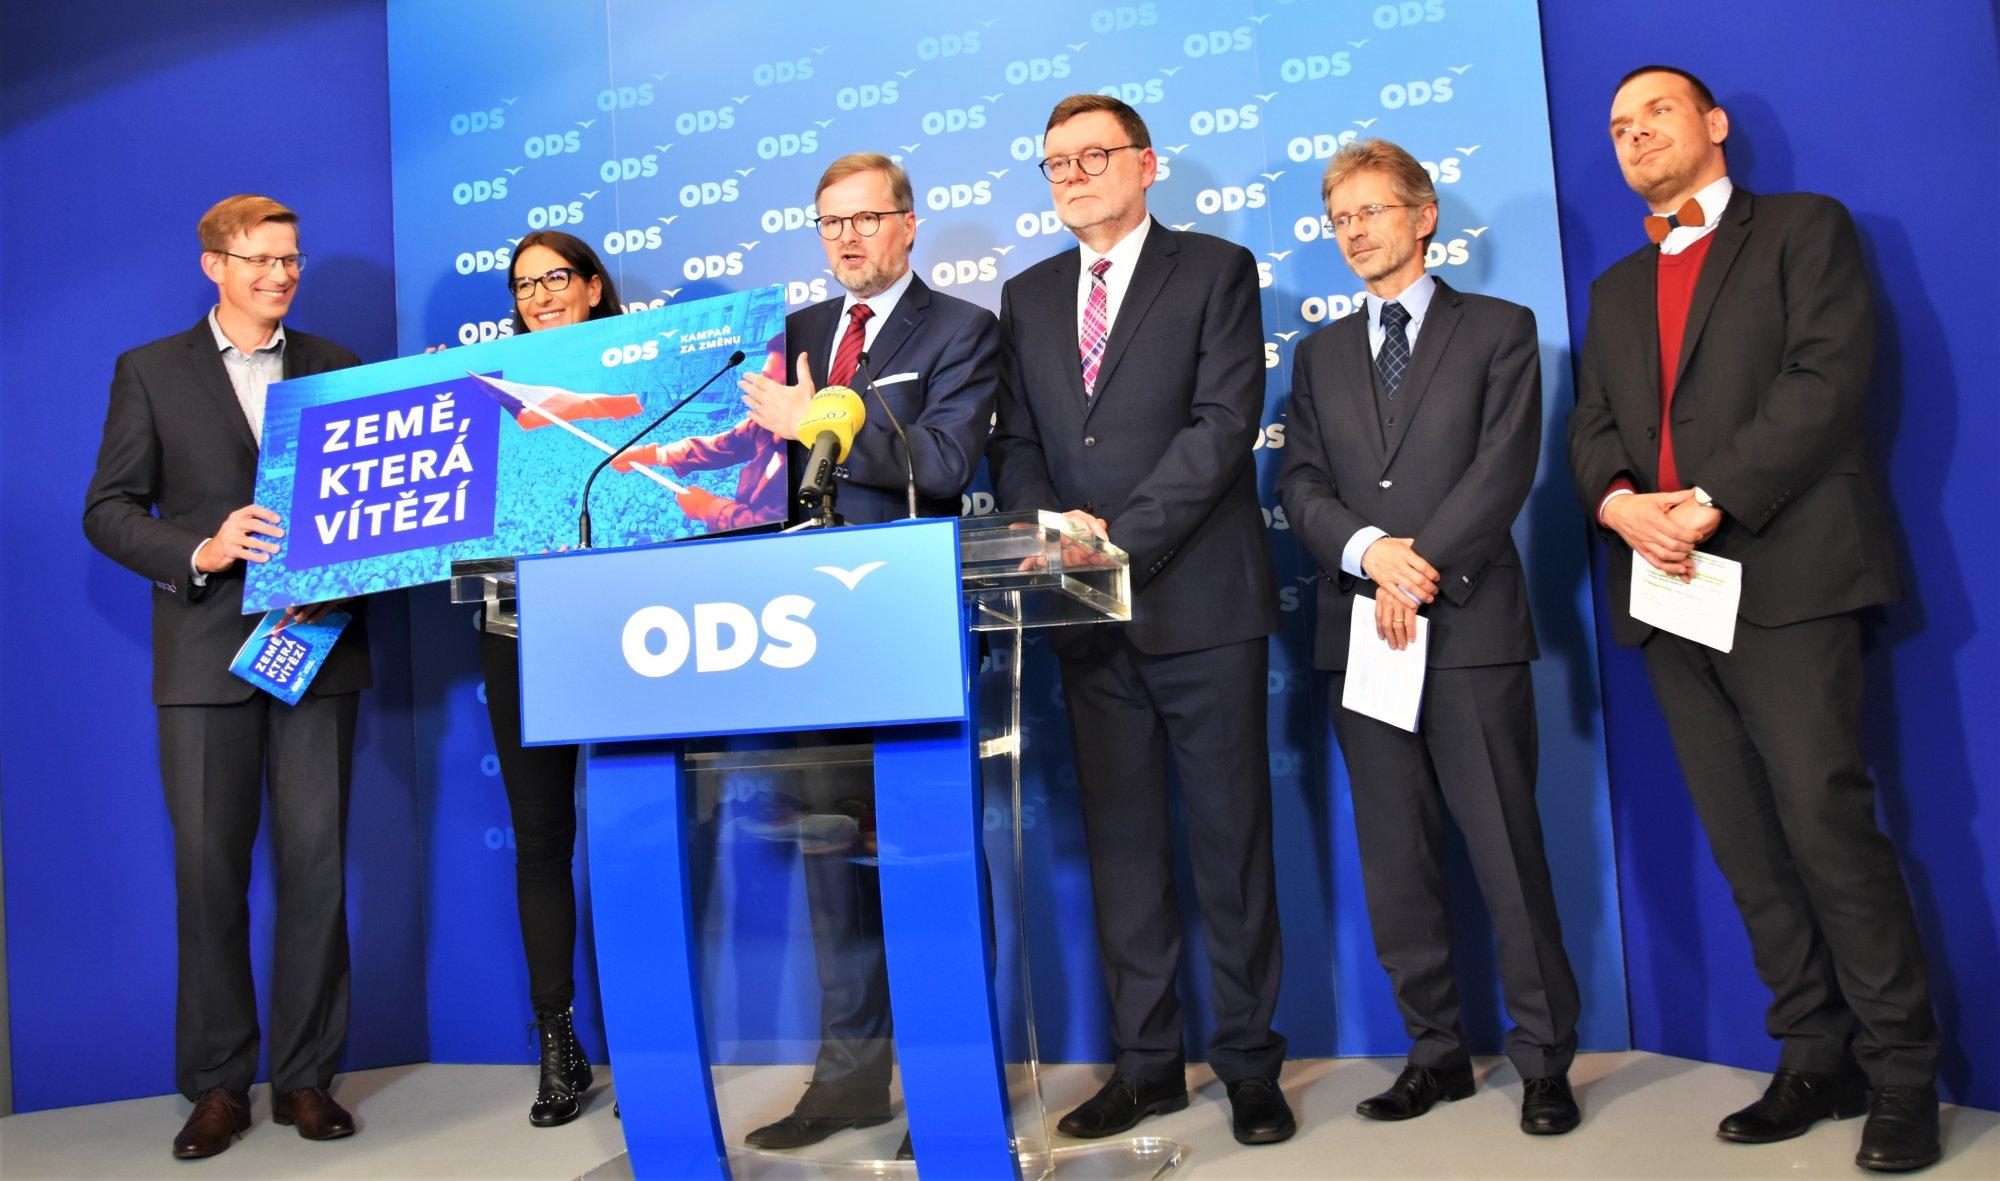 Petr Fiala: ČR musí být země, která vítězí, představujeme kampaň za změnu